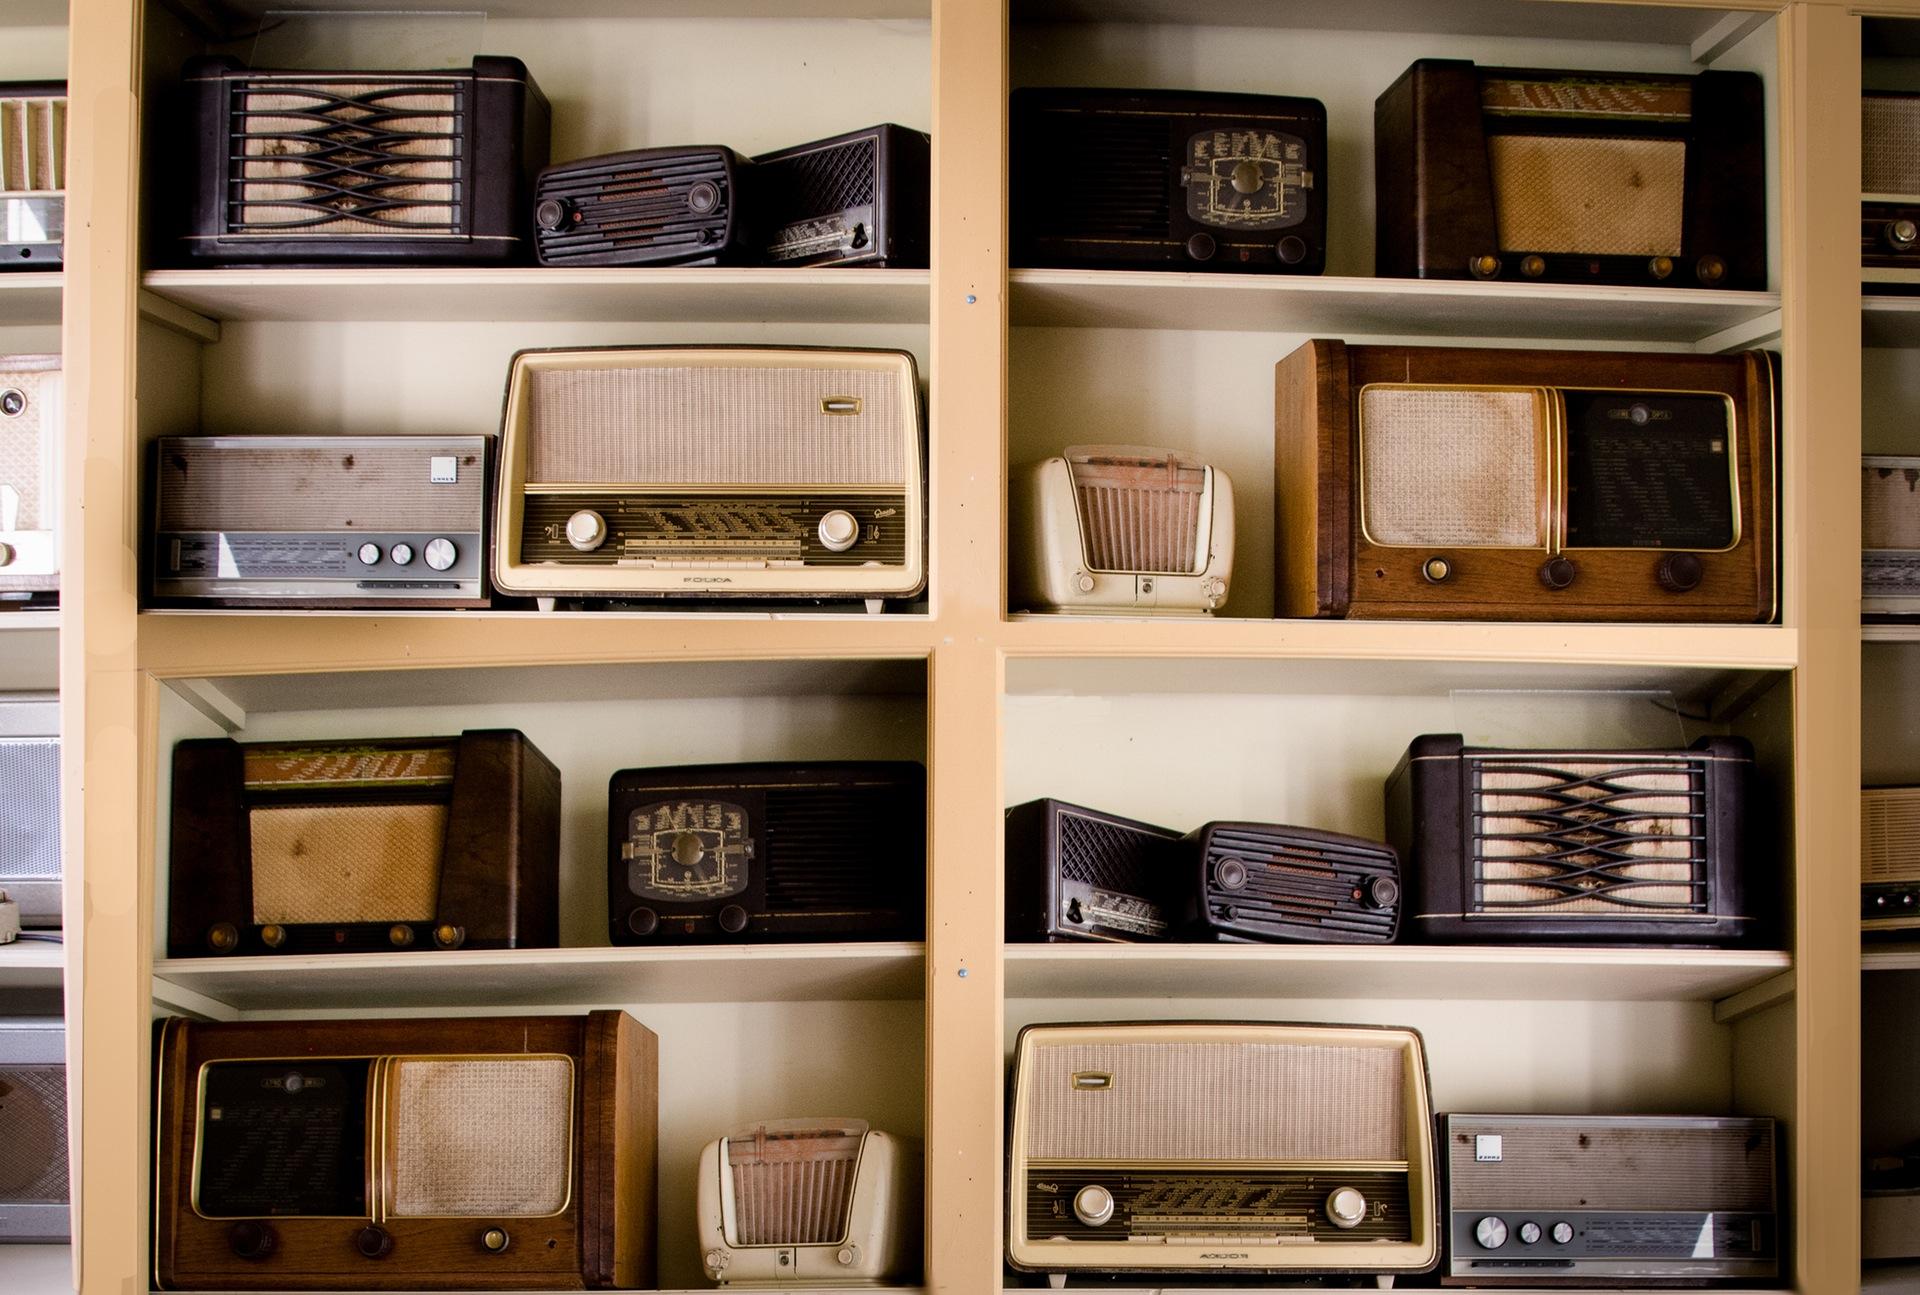 Radio, collezione, scaffalature, vintage, vecchio - Sfondi HD - Professor-falken.com